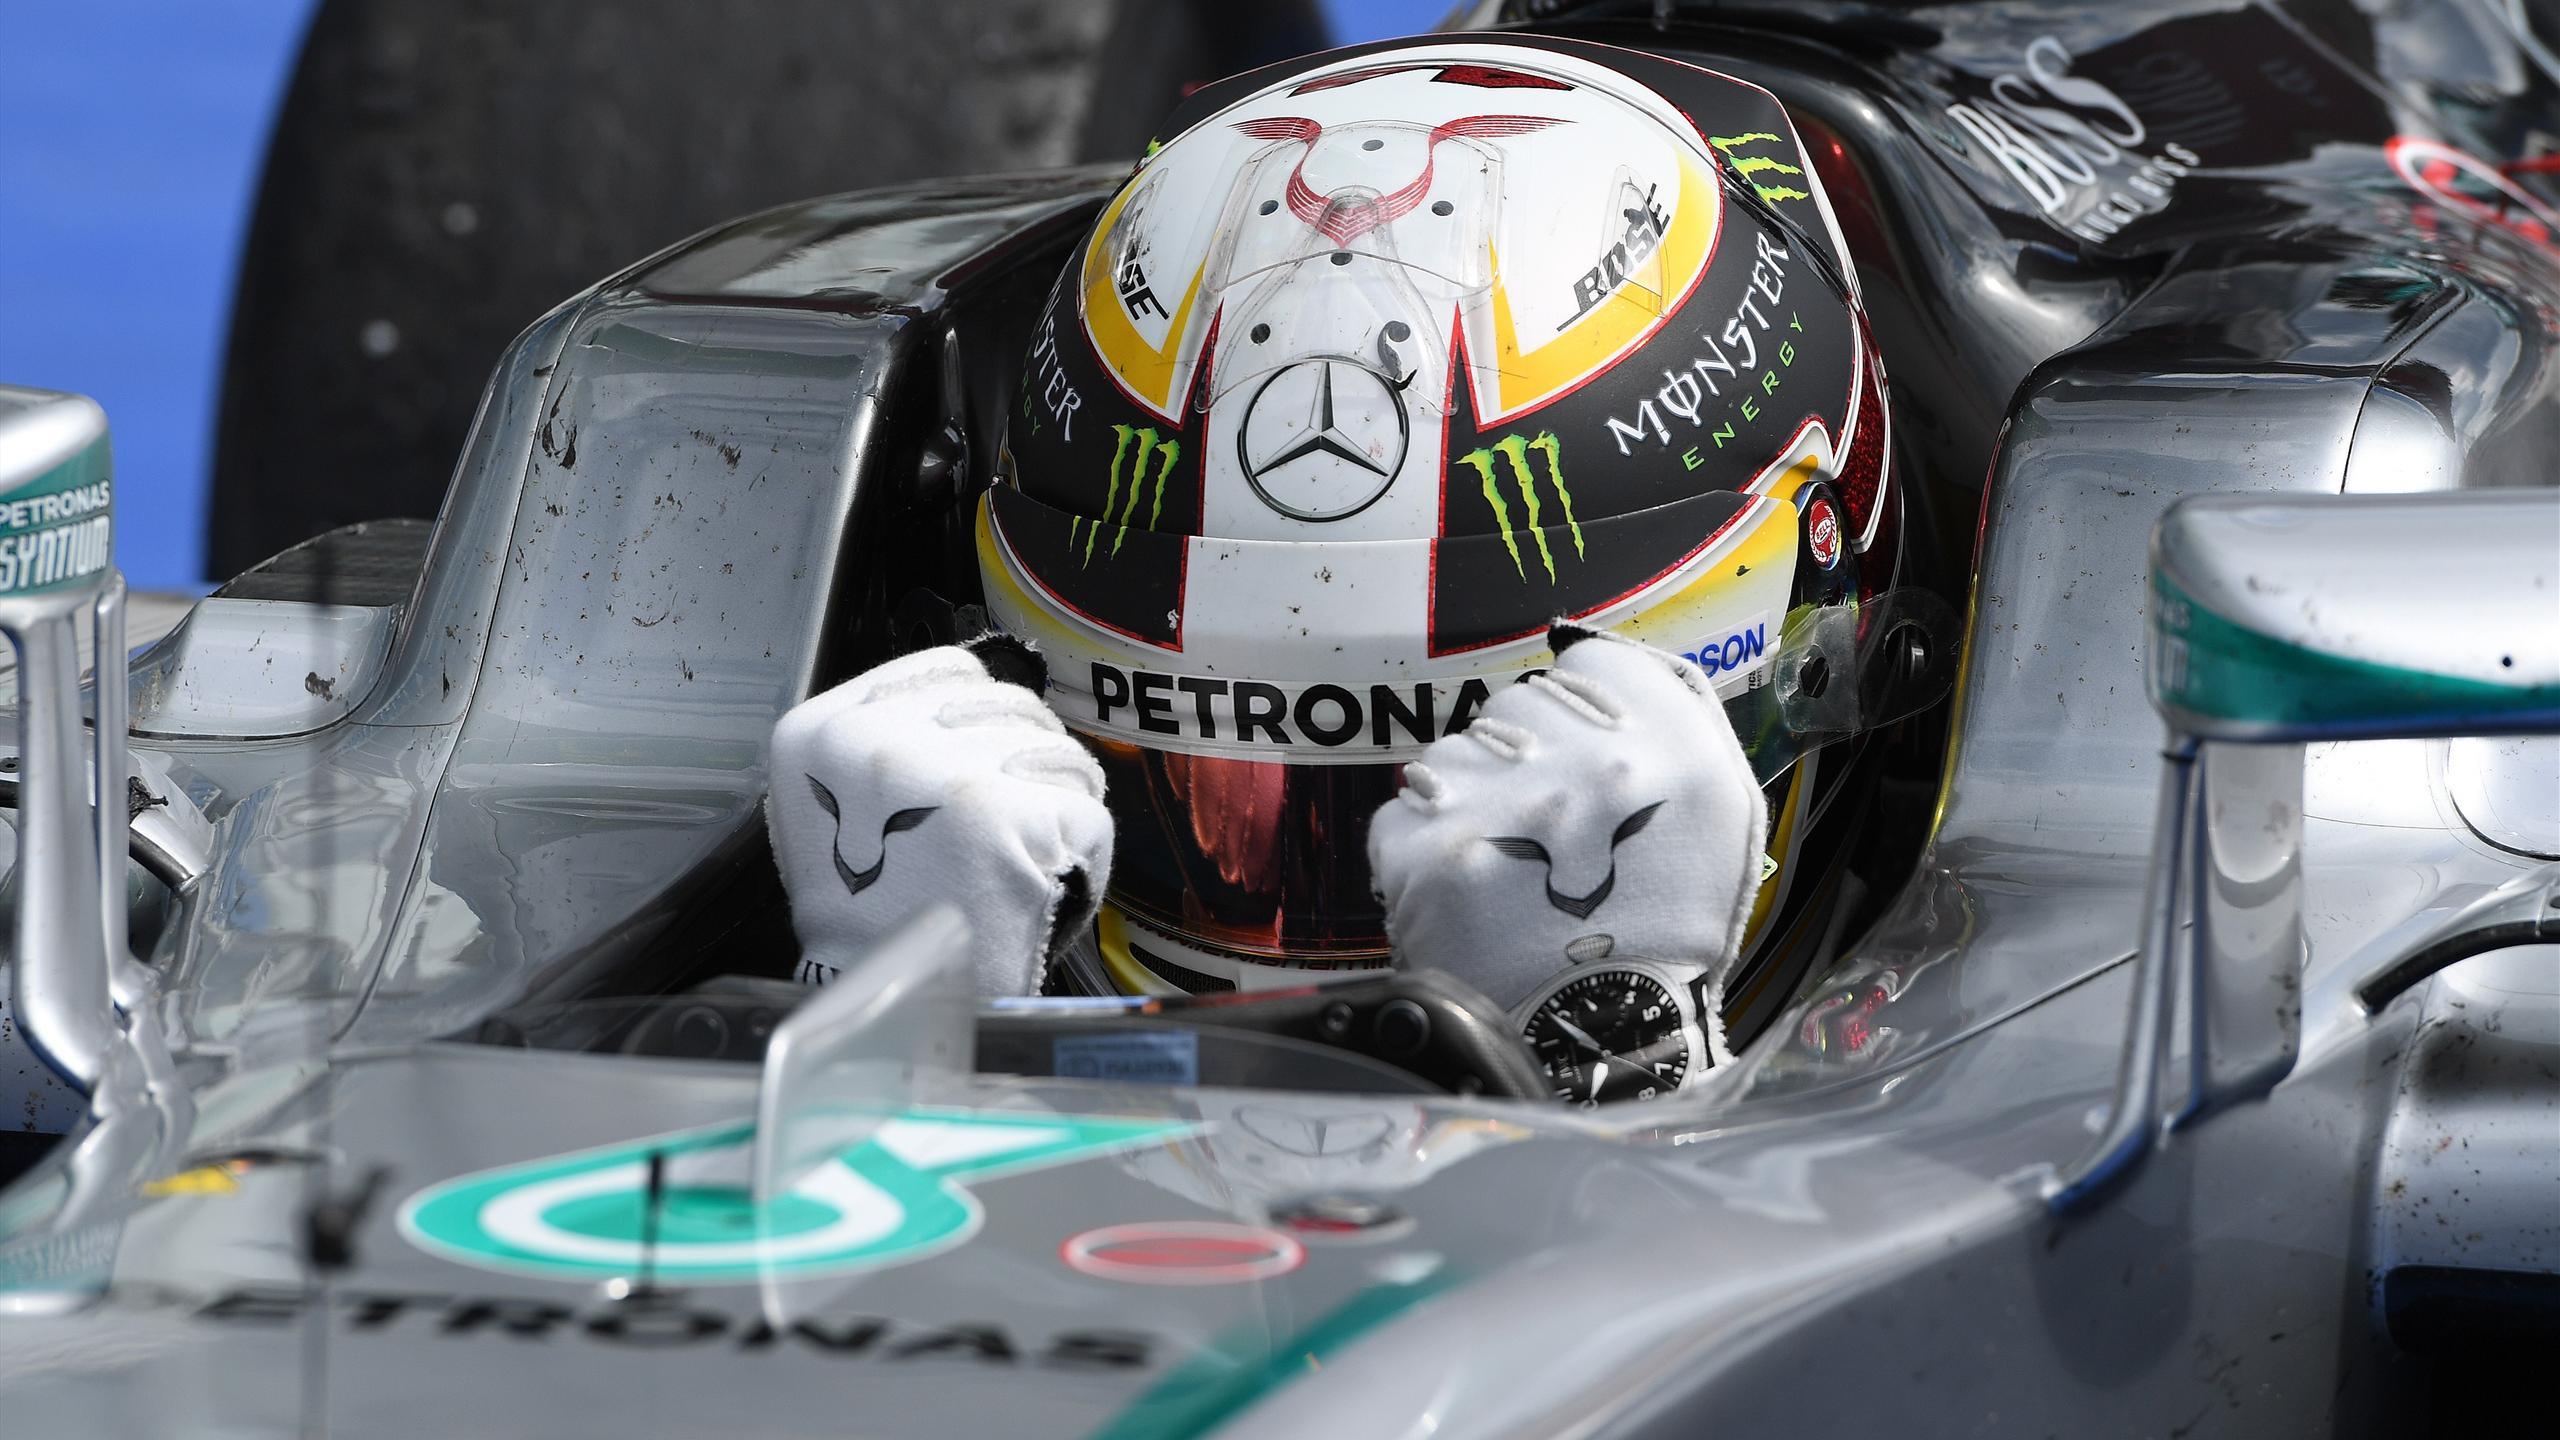 Lewis Hamilton (Mercedes) à l'arrivée du Grand Prix d'Allemagne 2016